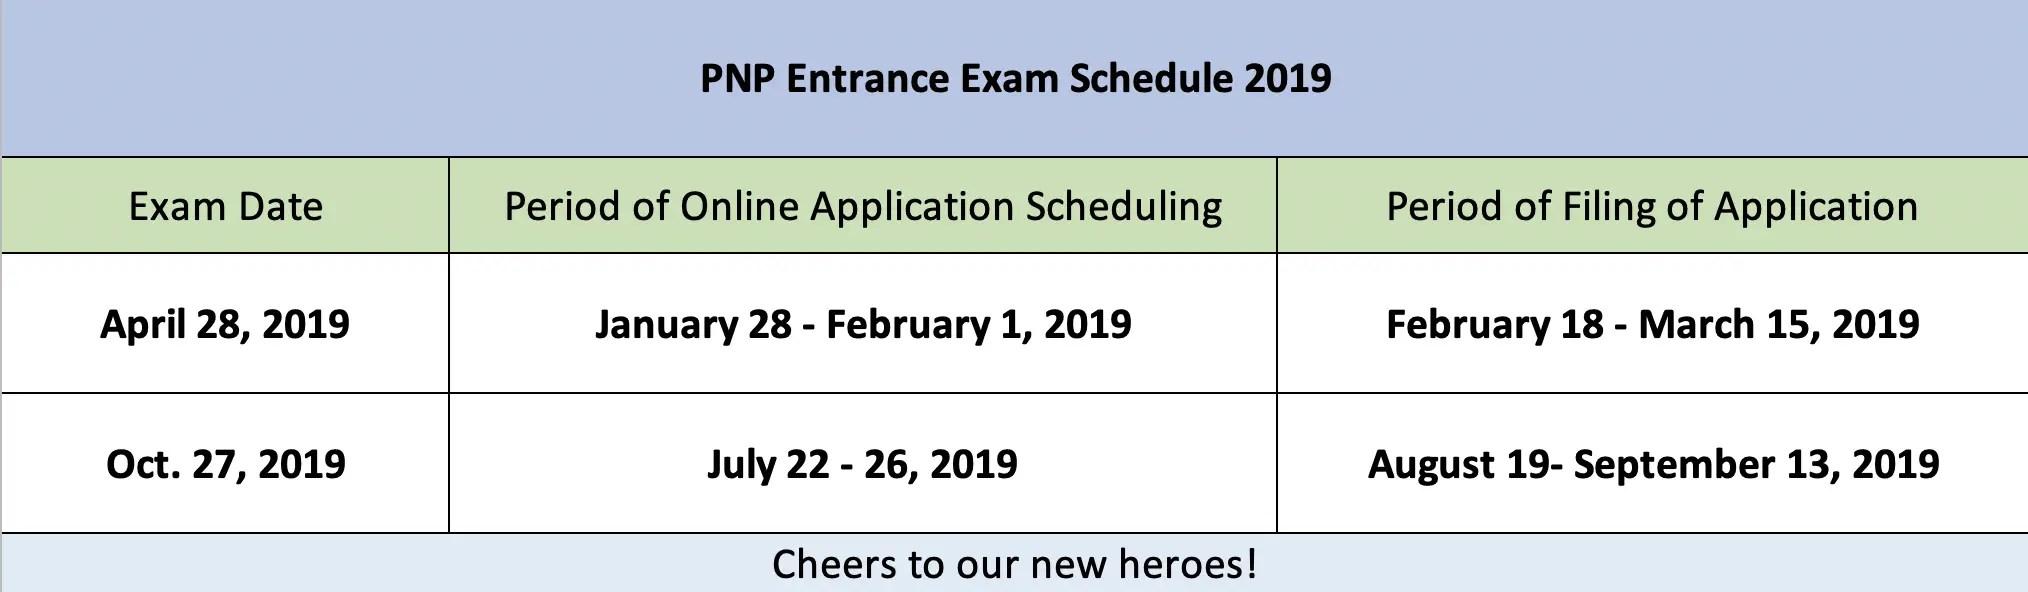 pnp entrance exam online schedule 2019